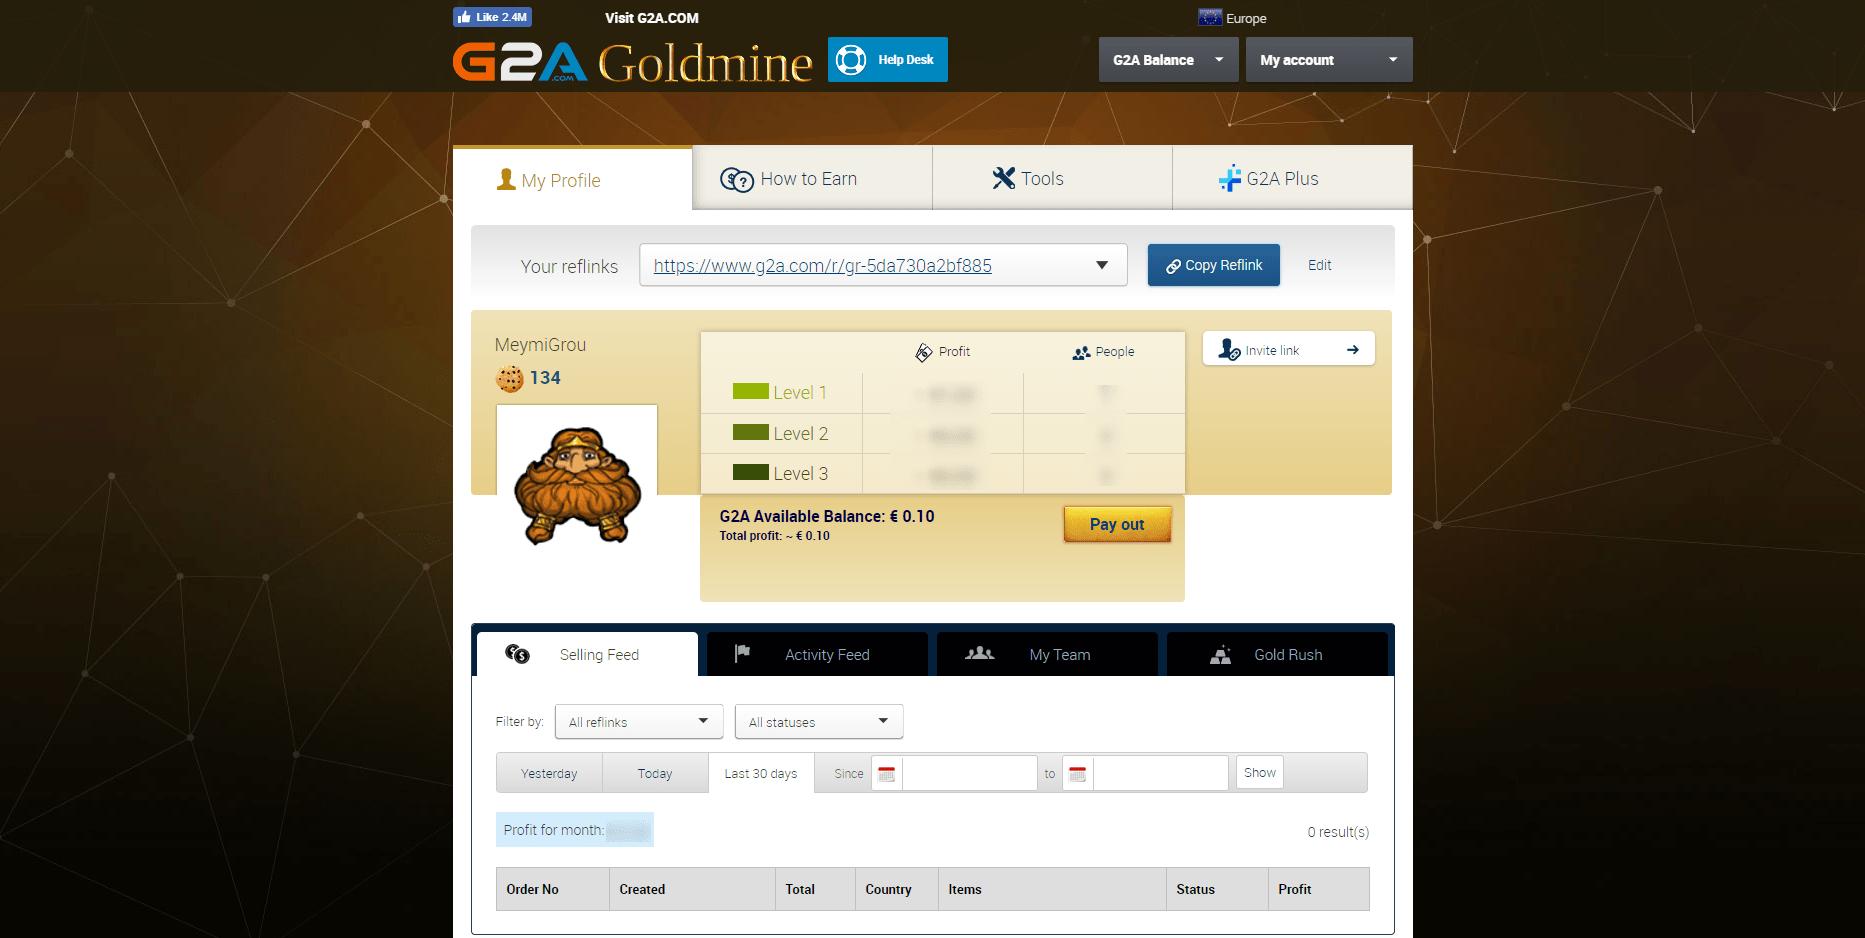 Πως να βγάλεις χρήματα από το G2A.com